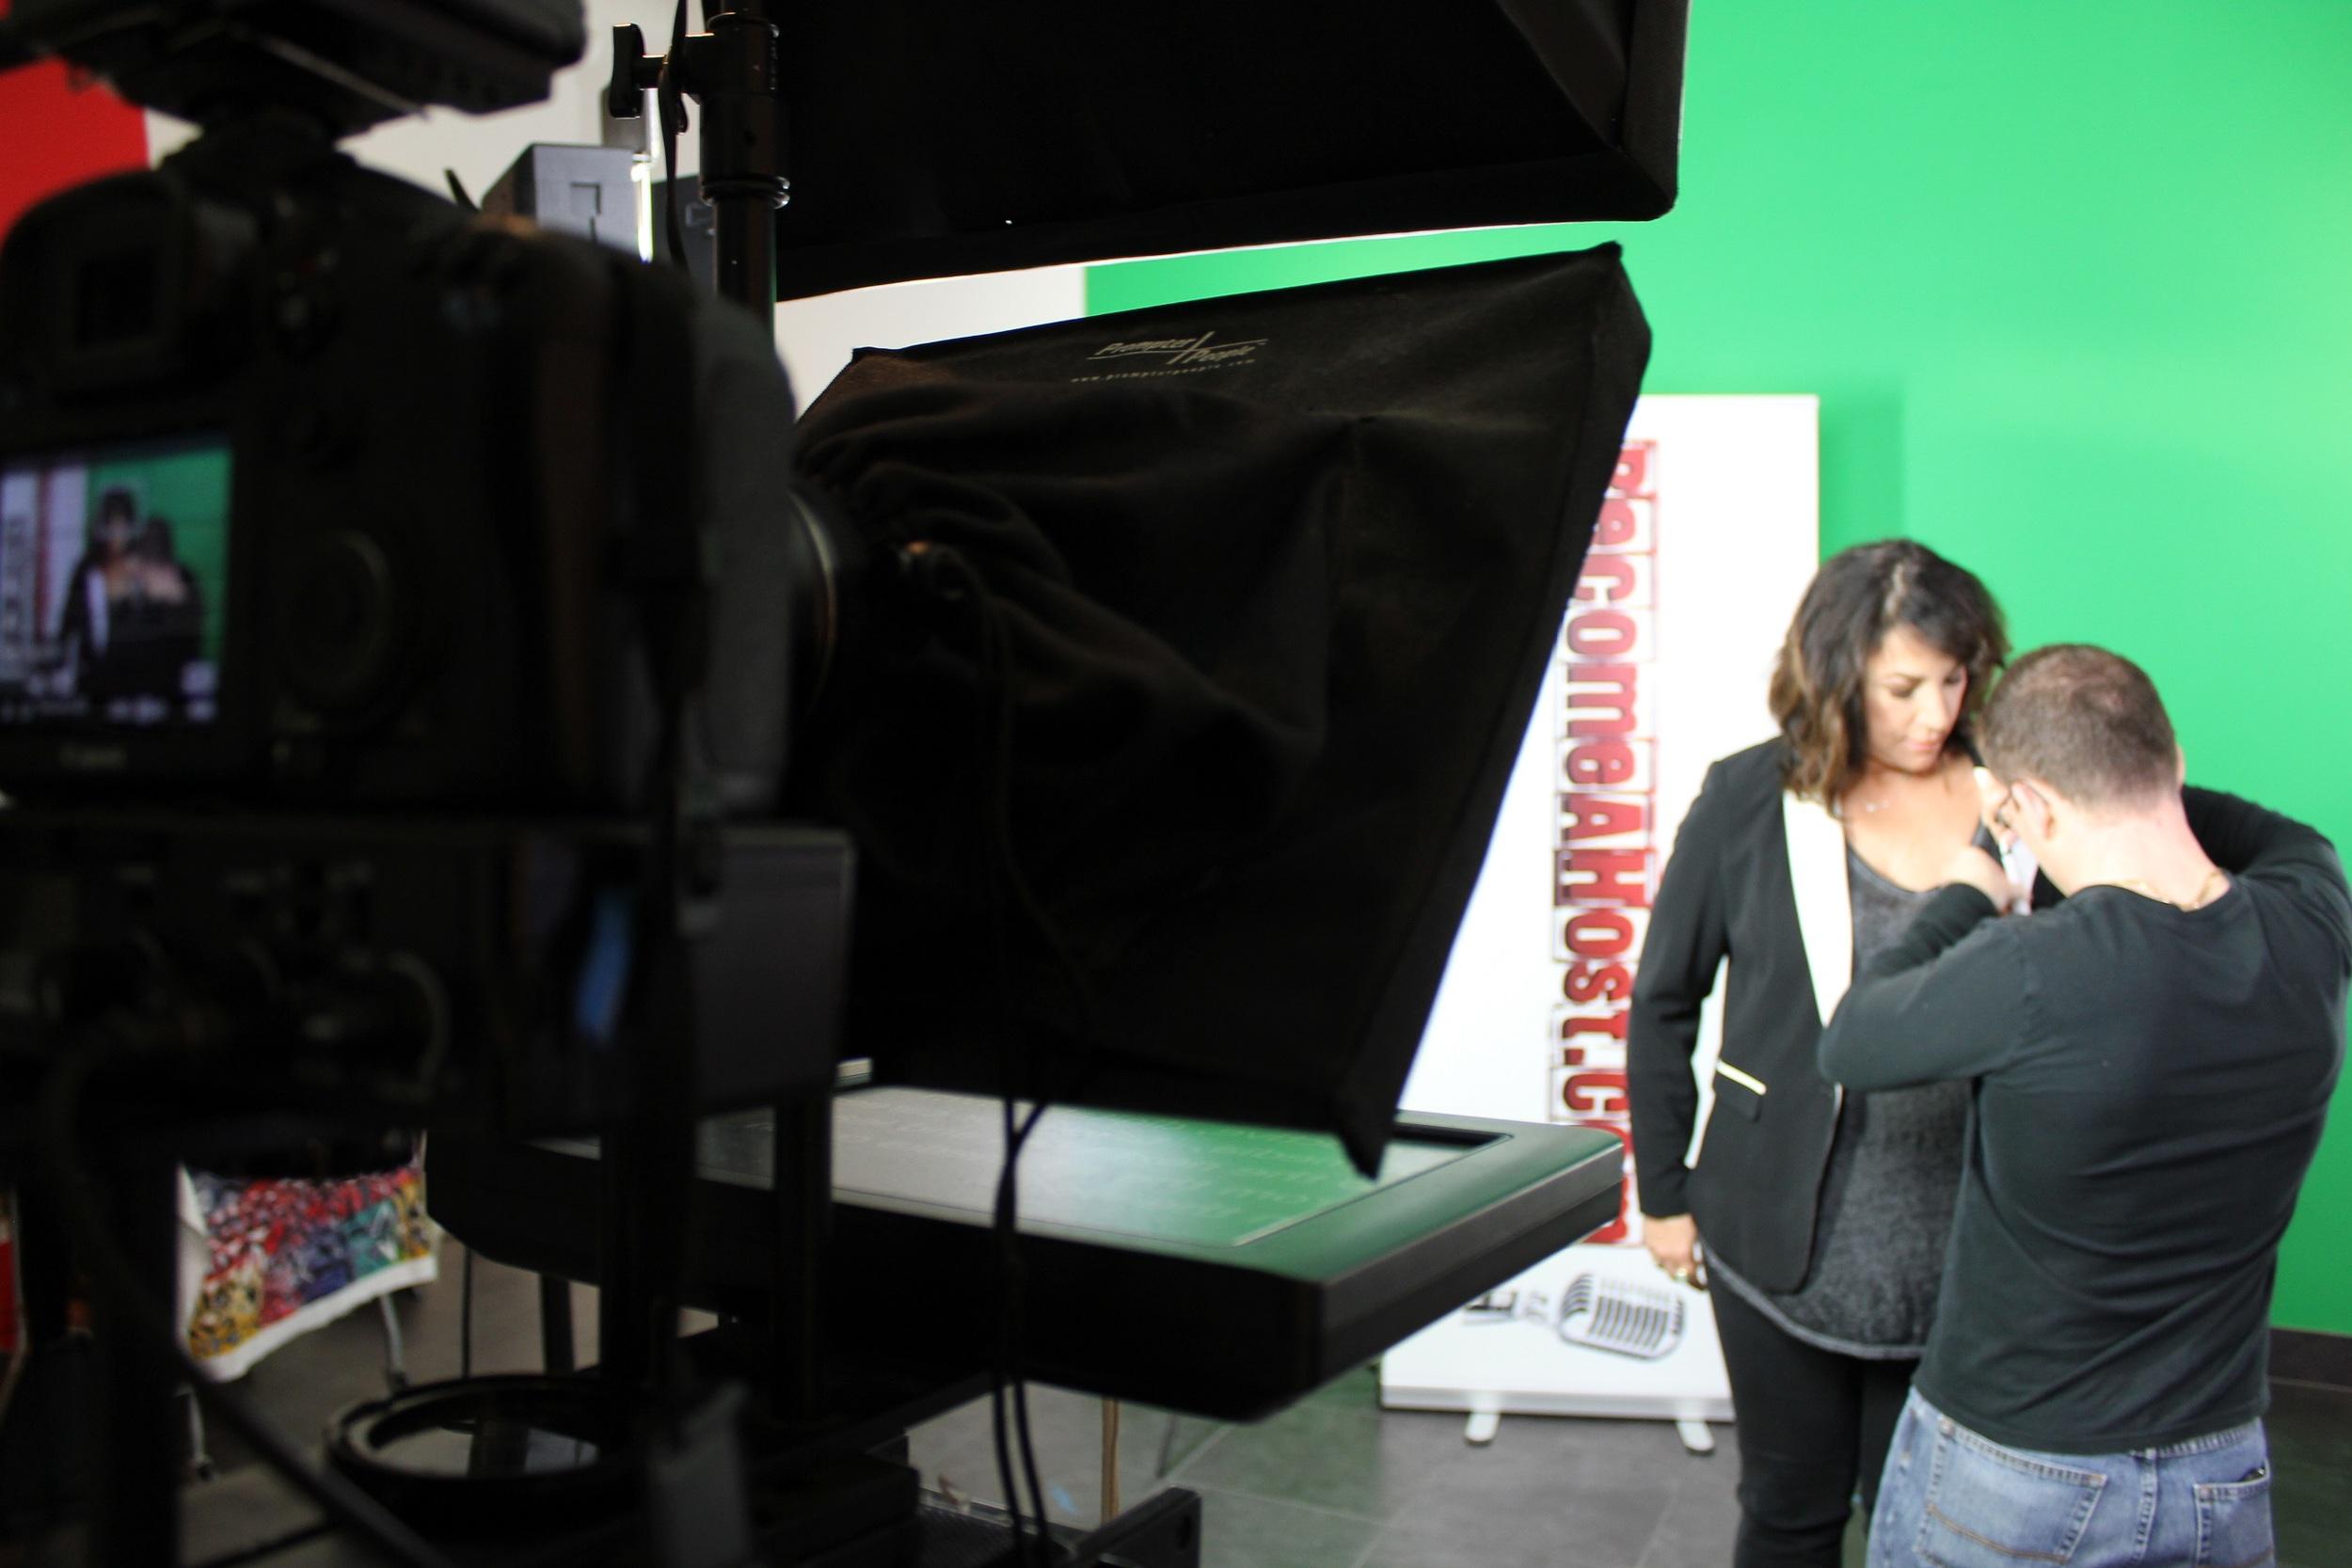 Marki in Studio3.jpg